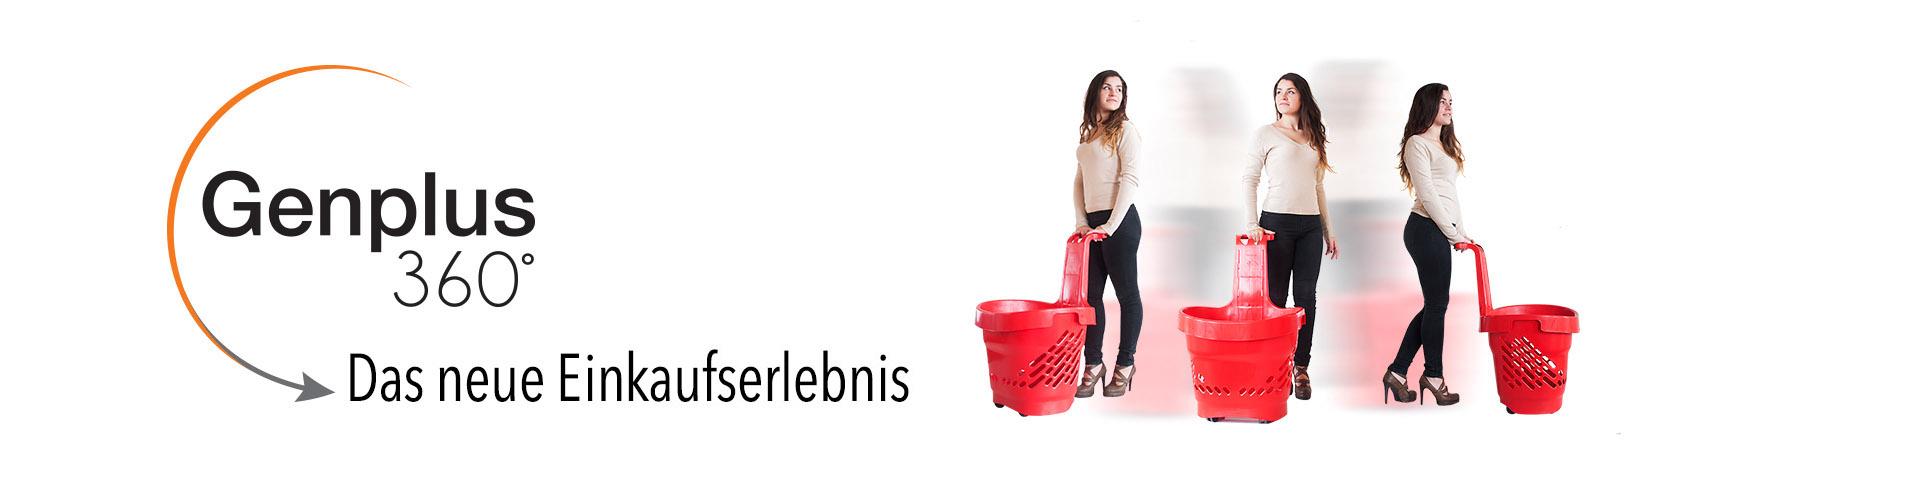 Glenplus 360° – das neue Einkaufserlebnis